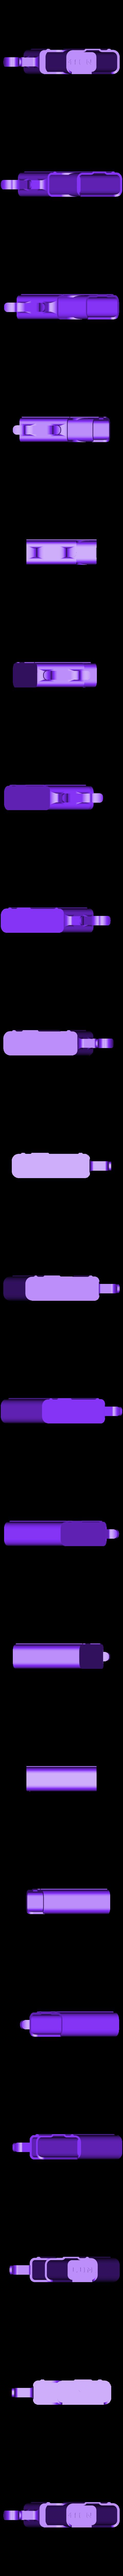 multimeter_pegboard_holder.stl Download free STL file Multimeter holder (pegboard or wall mounted) • 3D print model, FrankLumien